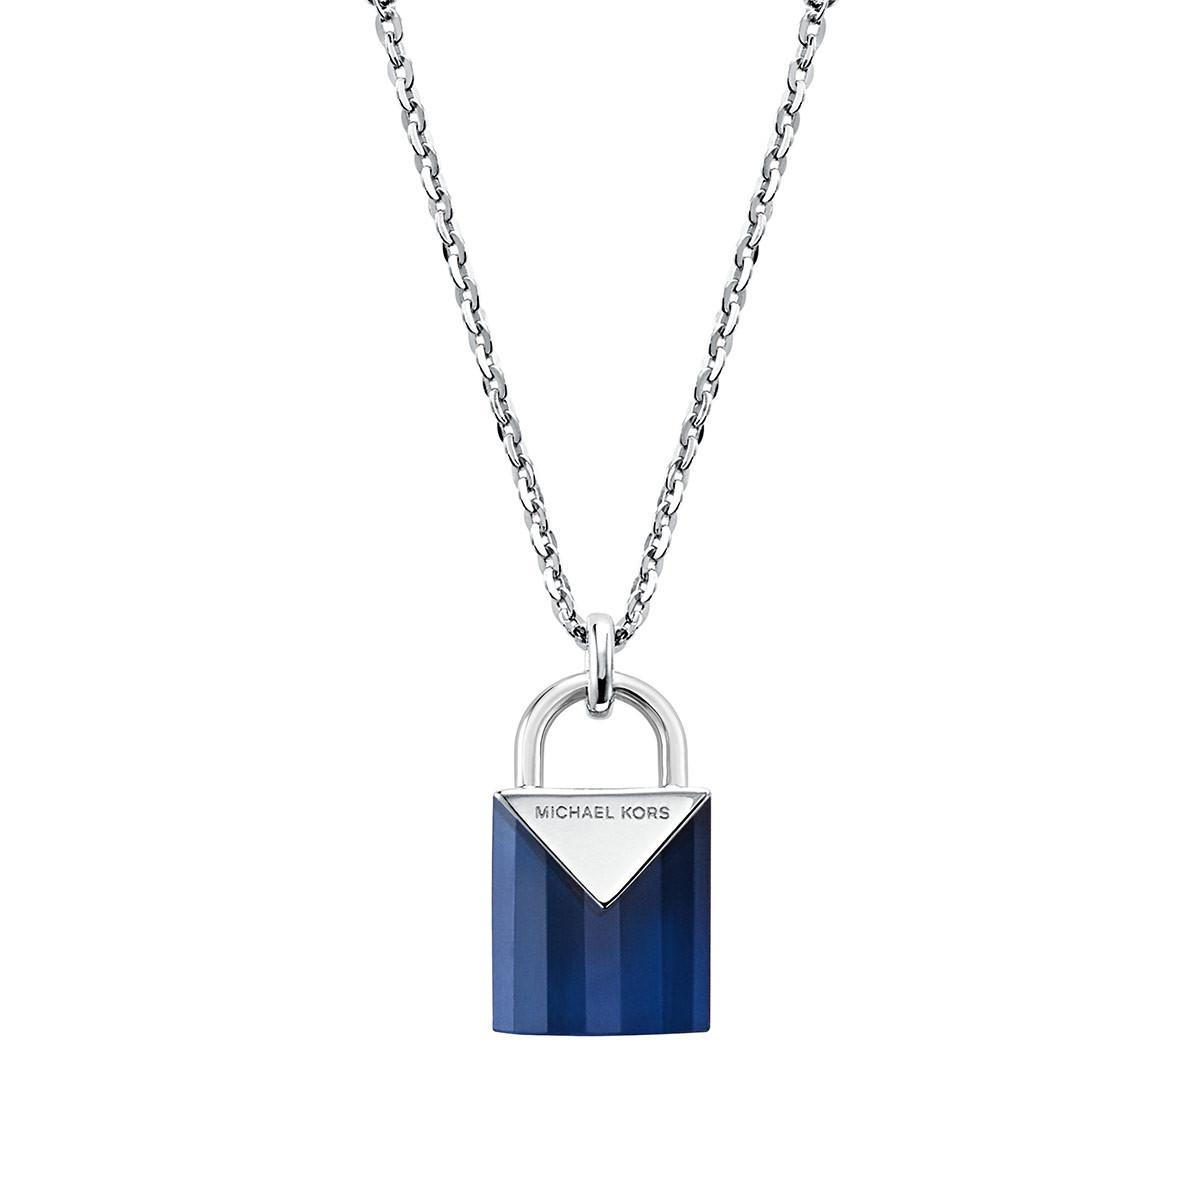 Michael Kors Halskette - MKC1039AF040 Padlock Pendant Silver - in silber - für Damen